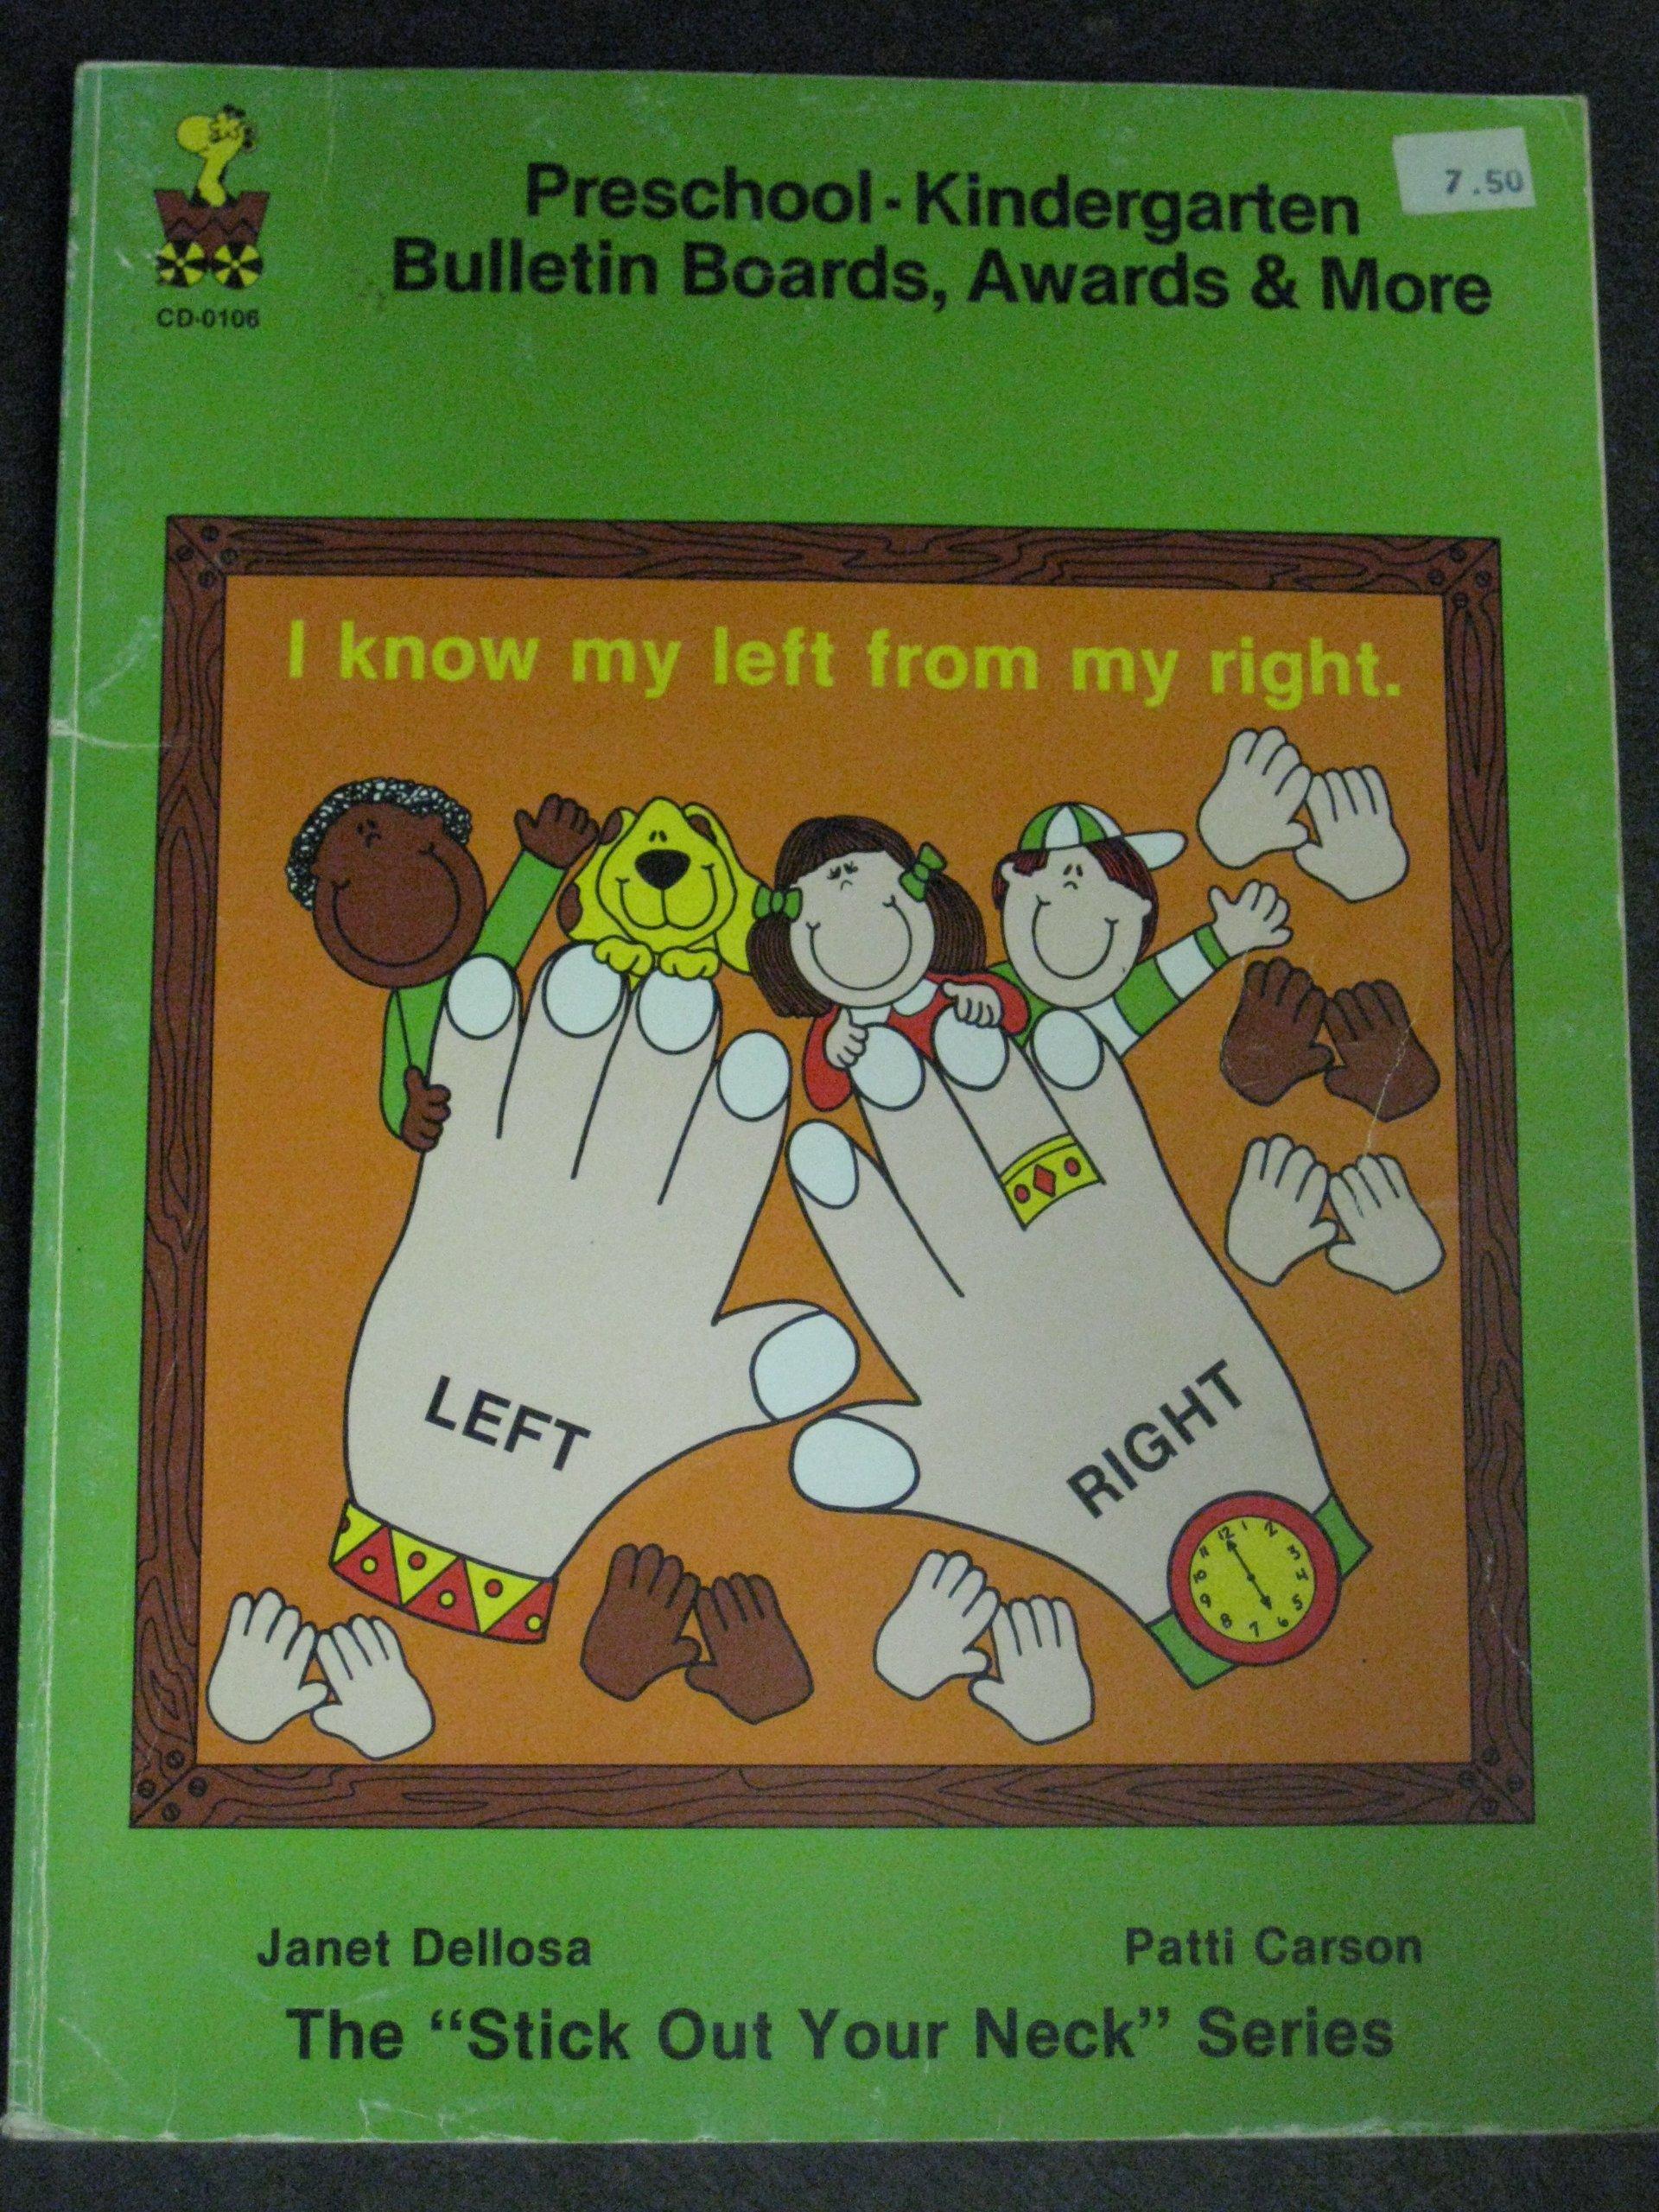 I Know My Left From Right Preschool Kindergarten Bulletin Boards Awards More Janet Dellosa And Patti Carson Amazon Com Books